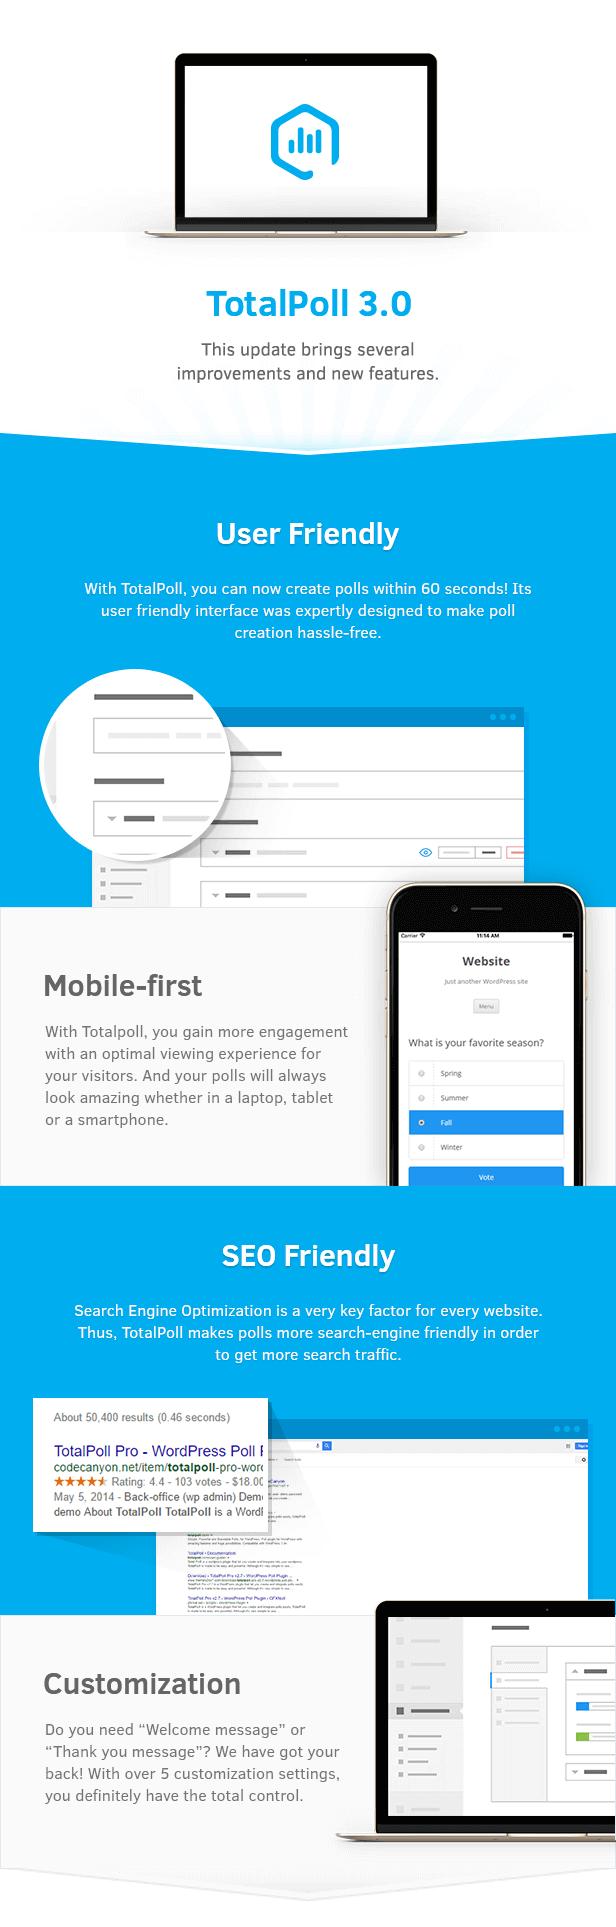 Benutzerfreundlich, Mobile-first, SEO Friendly und Anpassung in TotalPoll WordPress Umfrage-Plugin.